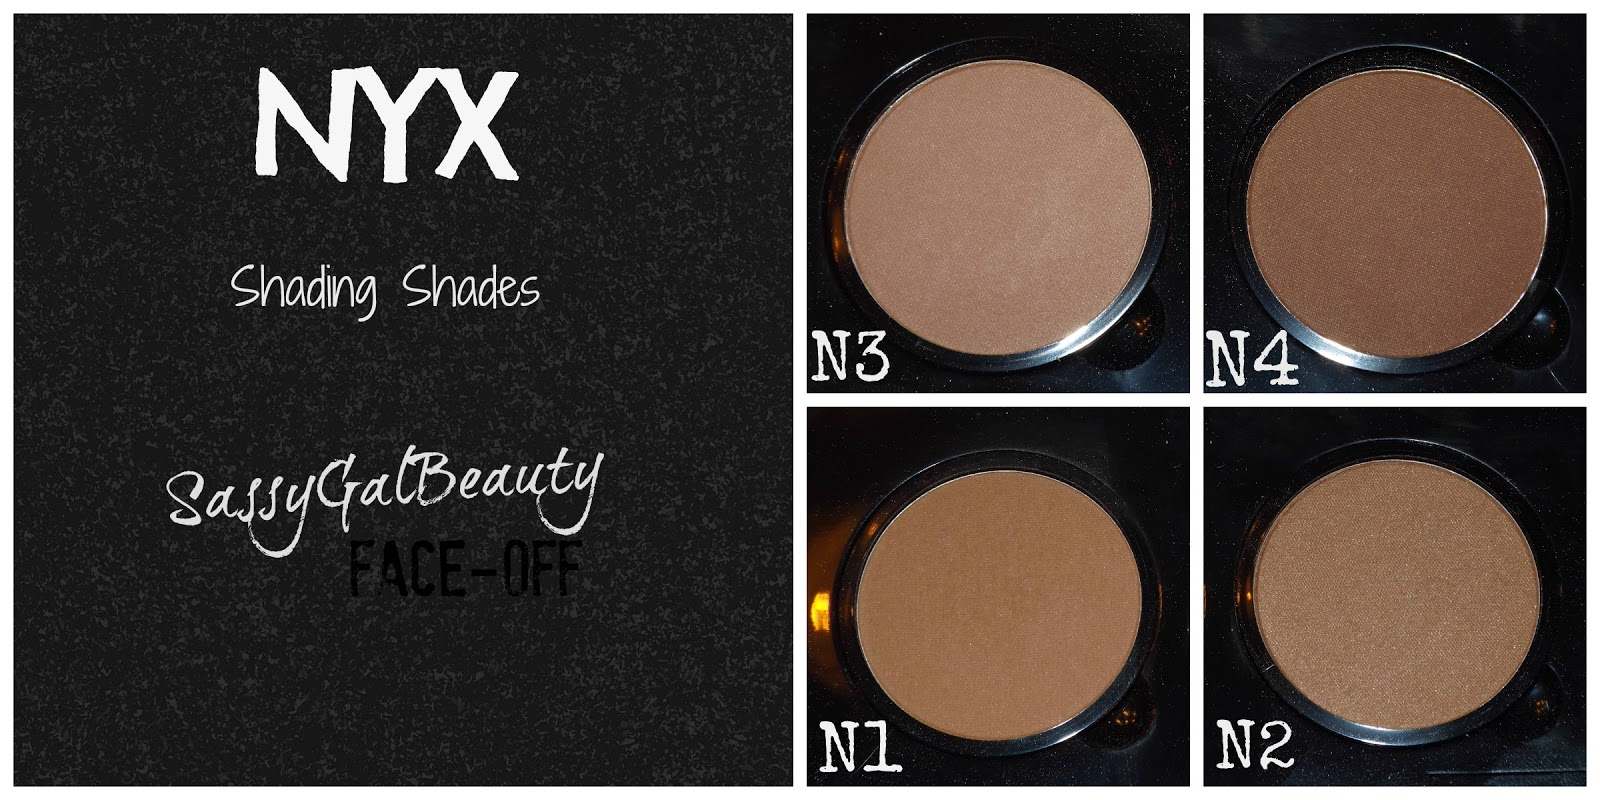 NYX Shading Shades